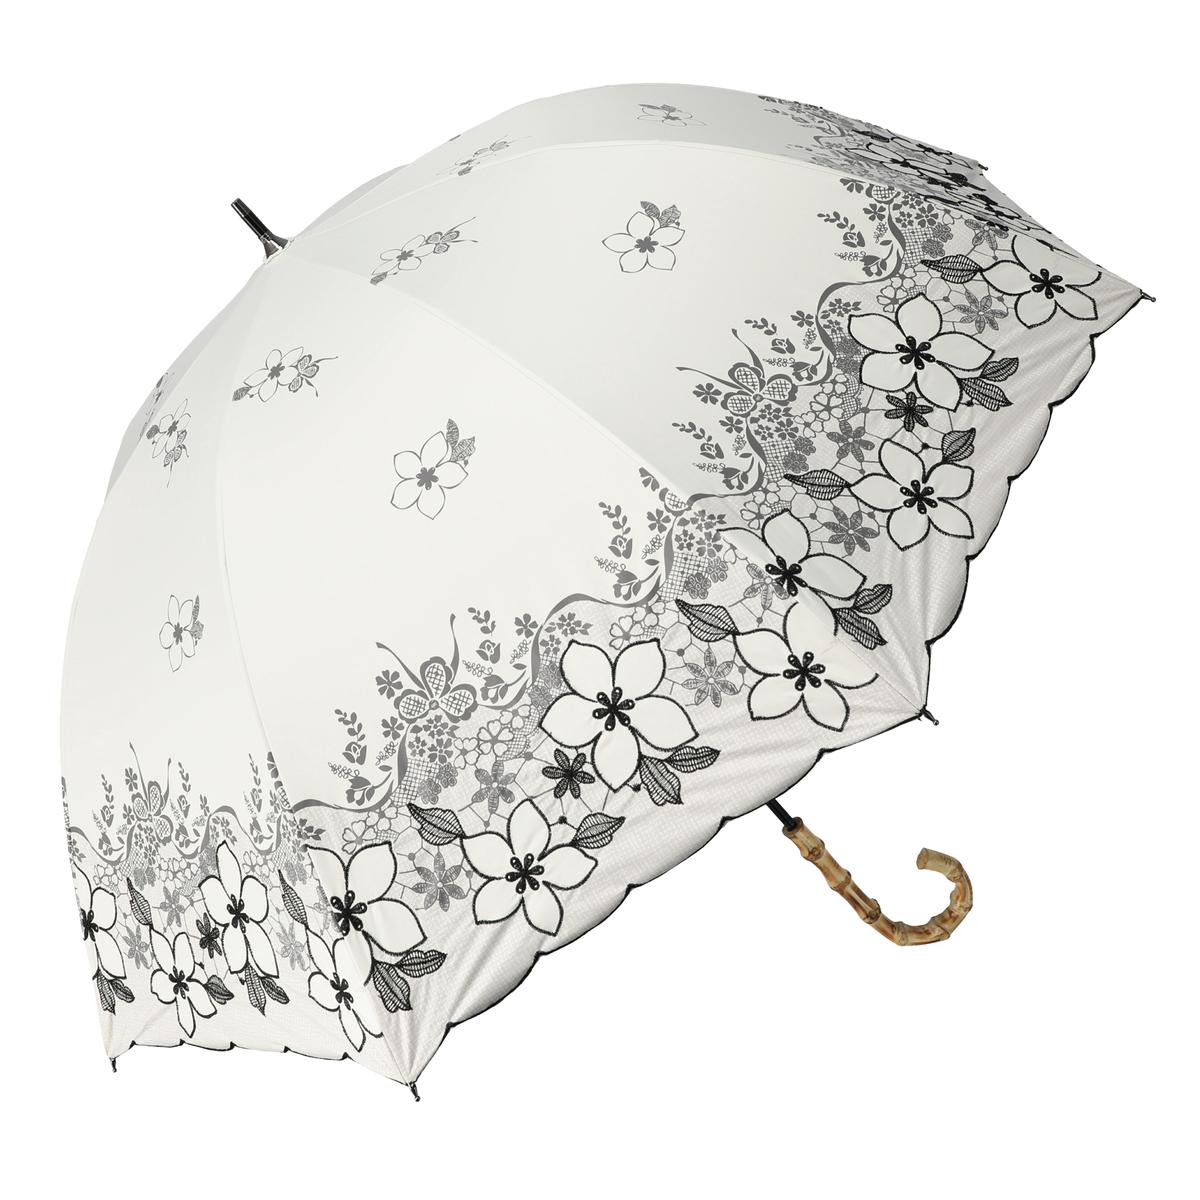 ルナジュメールUV+1級遮光花レース刺繍晴雨兼用パラソル